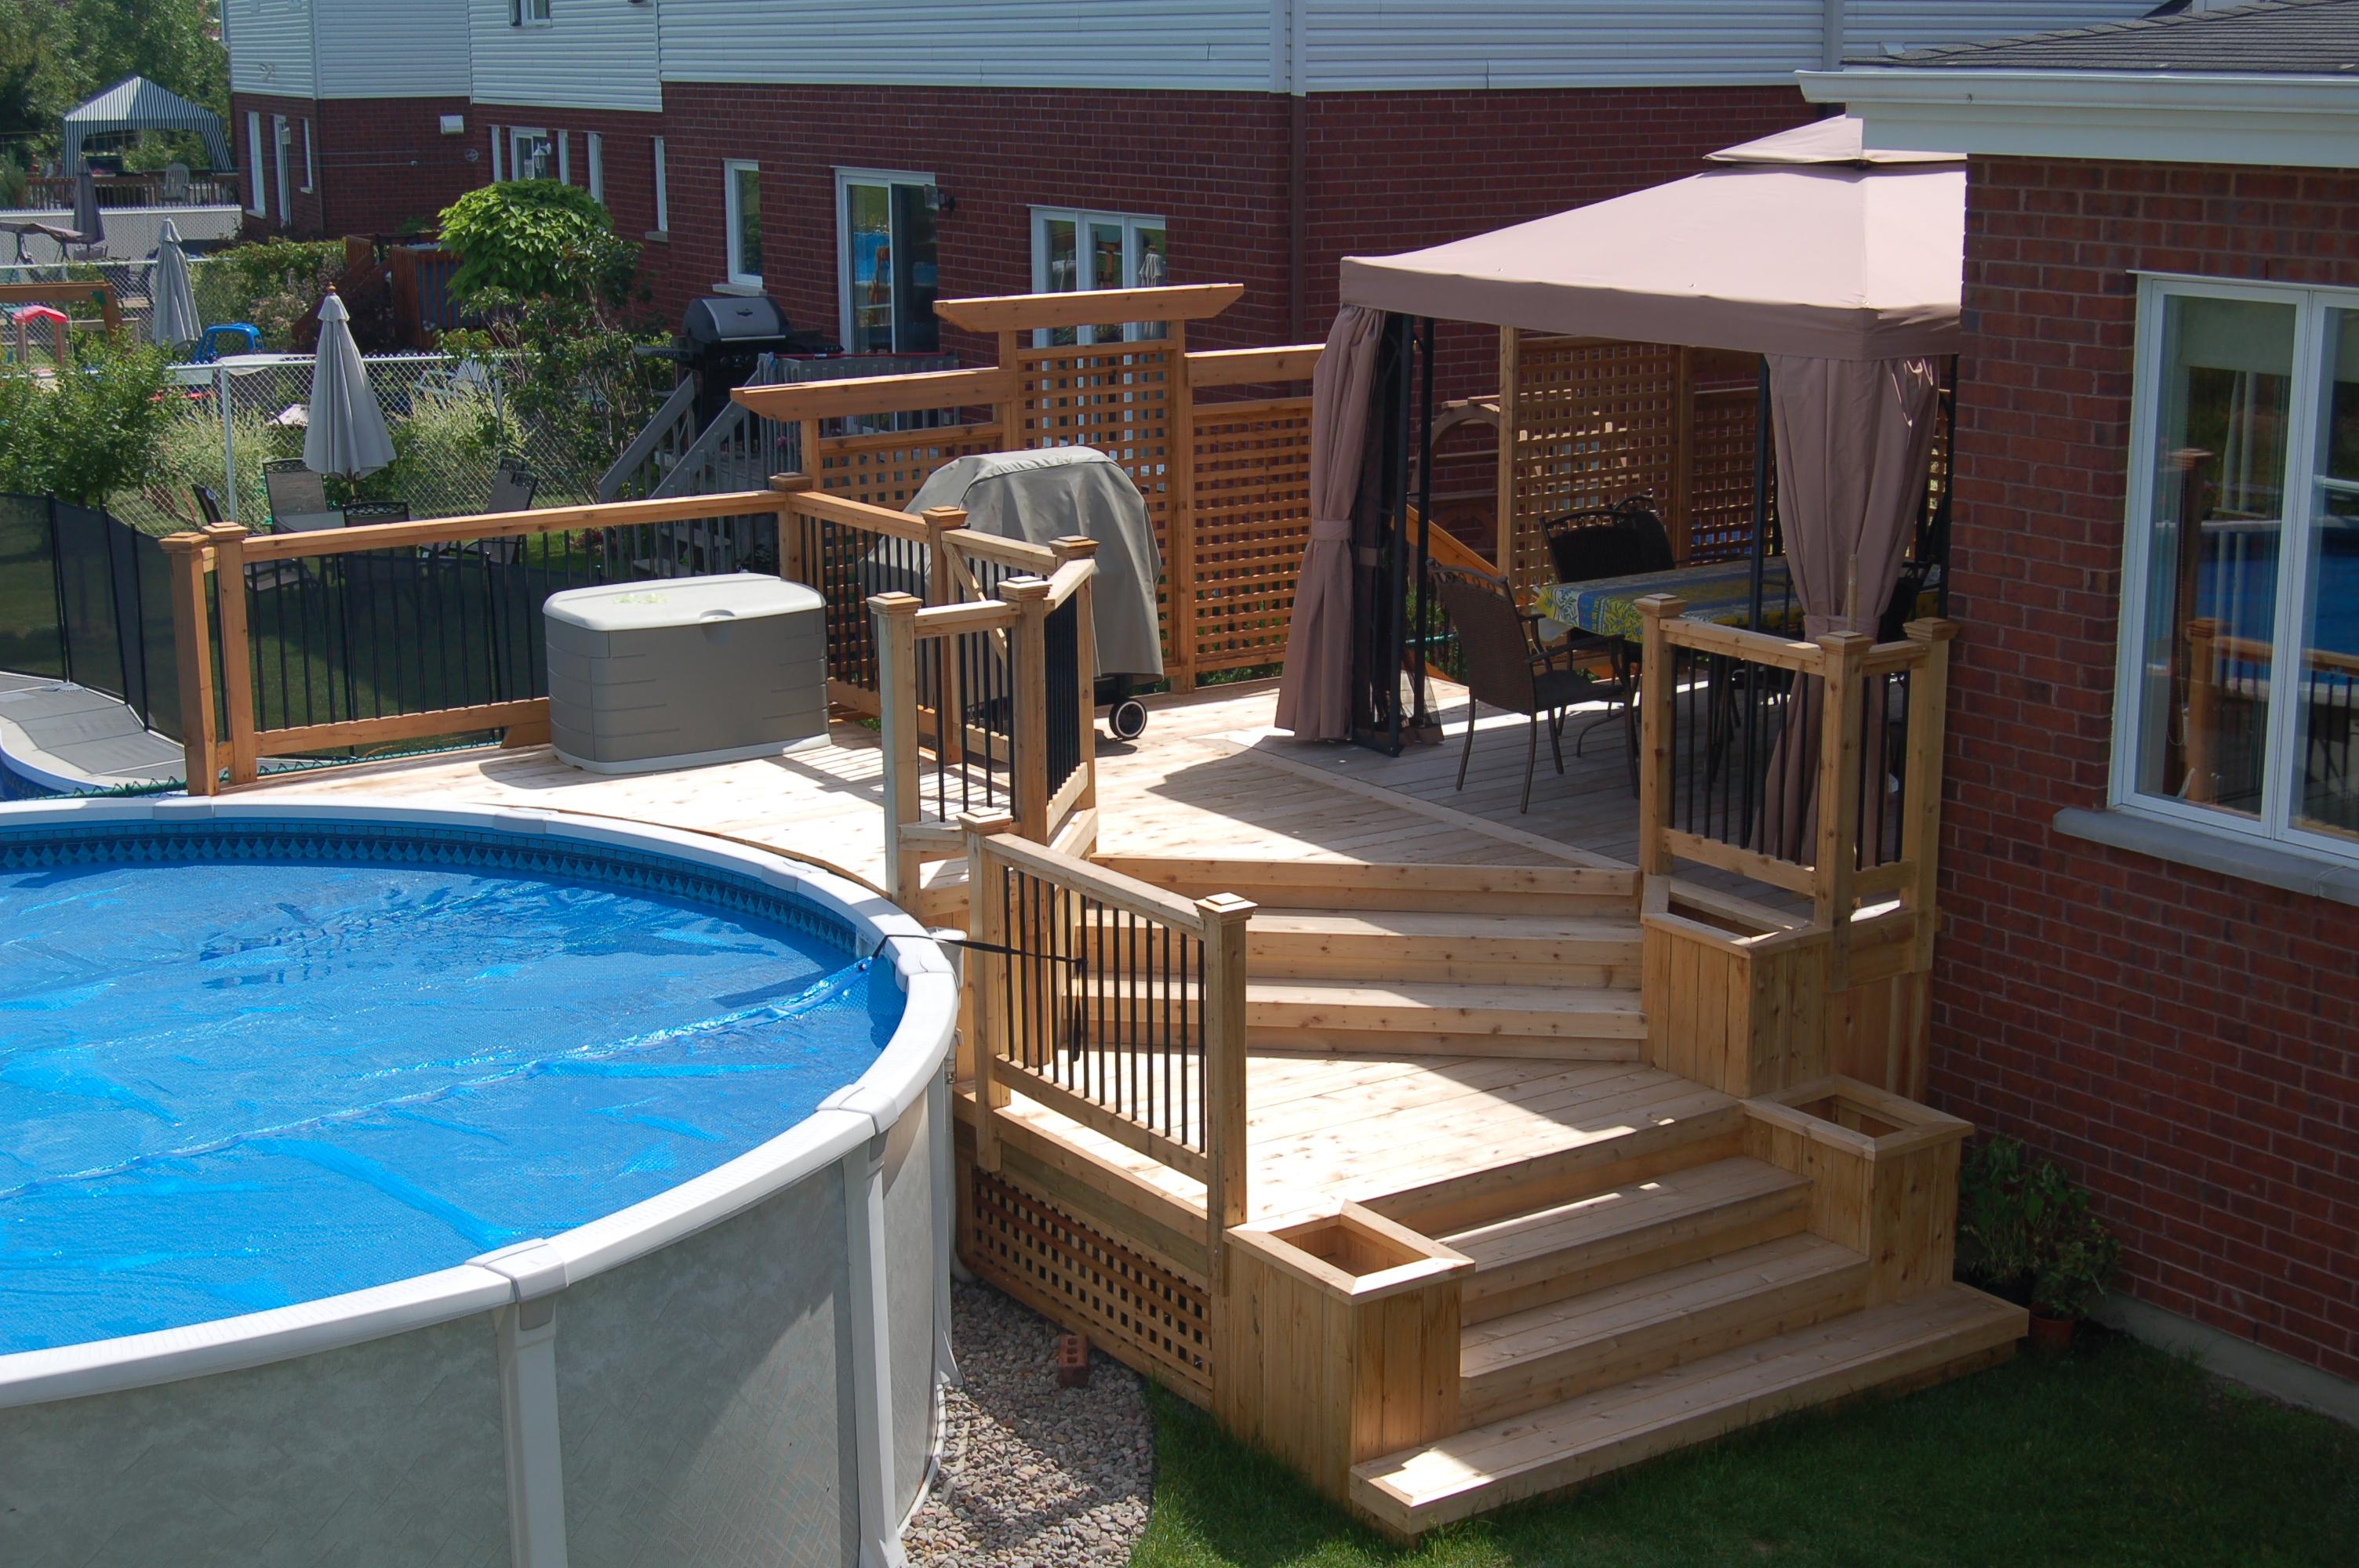 Co patio 2013 votre fabricant de patio et de galerie for Galerie et patio